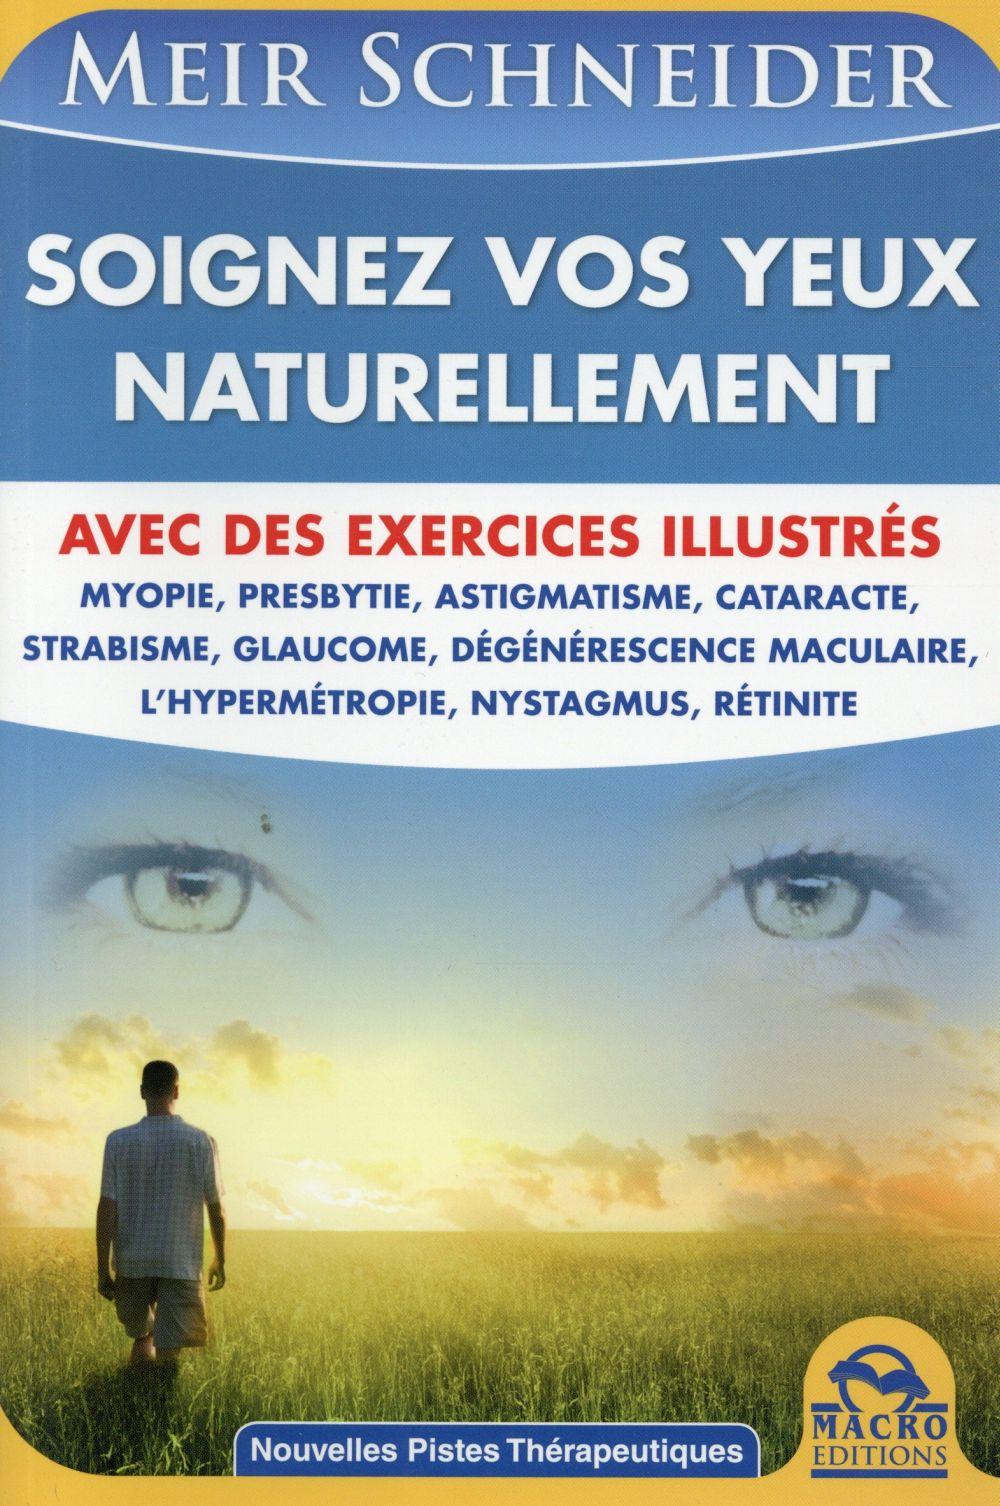 SOIGNEZ VOS YEUX NATURELLEMENT  AVEC DES EXERCICES ILLUSTRES - AVEC DES EXERCICES ILLUSTRES : MYOPIE